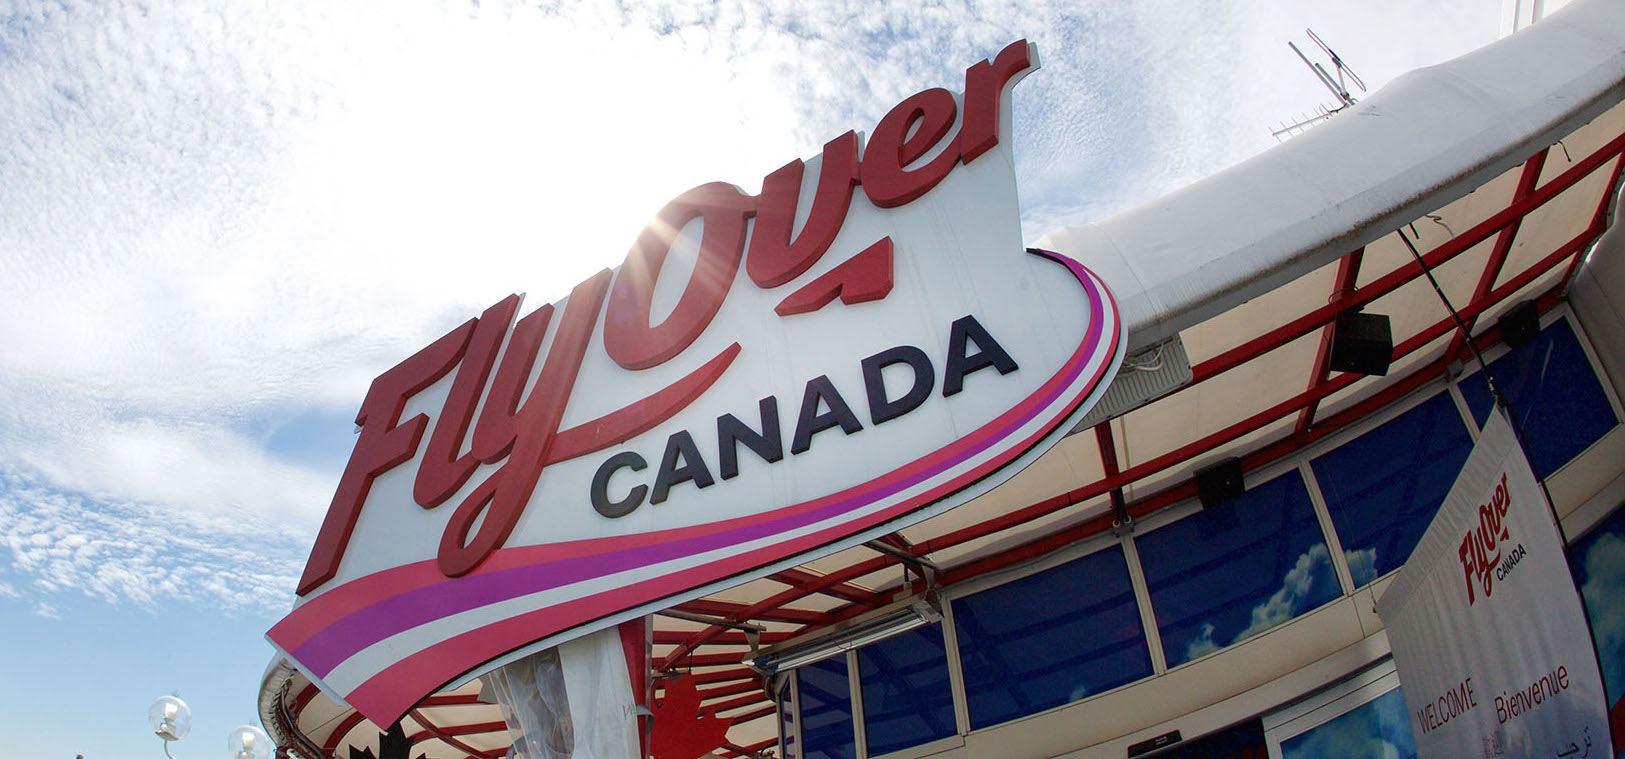 Image: FlyOver Canada / Facebook